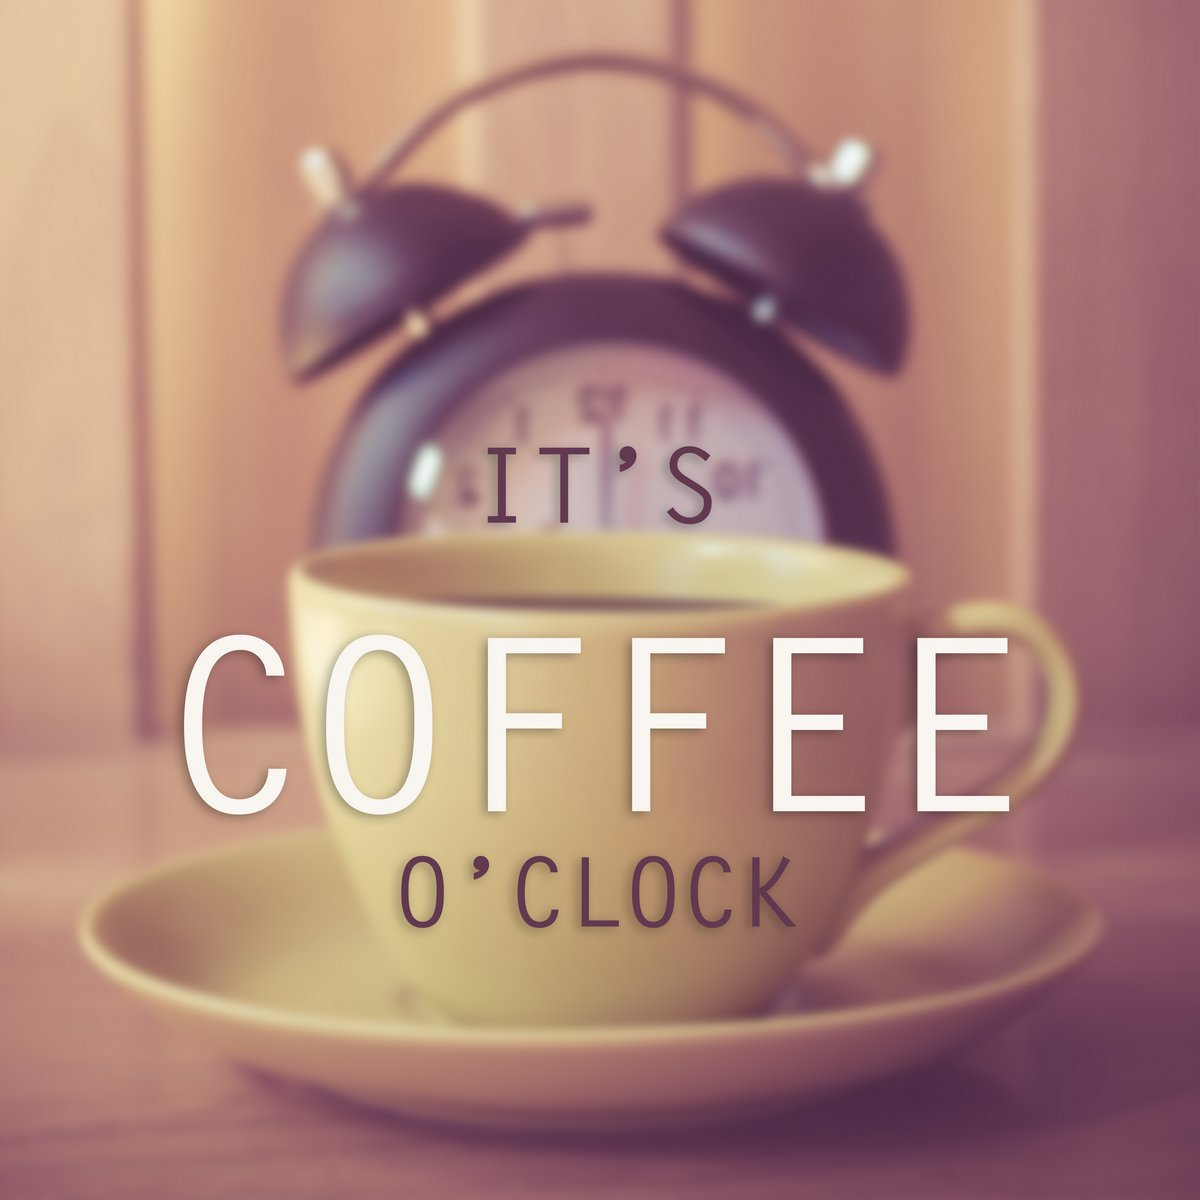 Постер Мотивационный плакат Цитата кофе - это кофе часовМотивационный плакат<br>Постер на холсте или бумаге. Любого нужного вам размера. В раме или без. Подвес в комплекте. Трехслойная надежная упаковка. Доставим в любую точку России. Вам осталось только повесить картину на стену!<br>